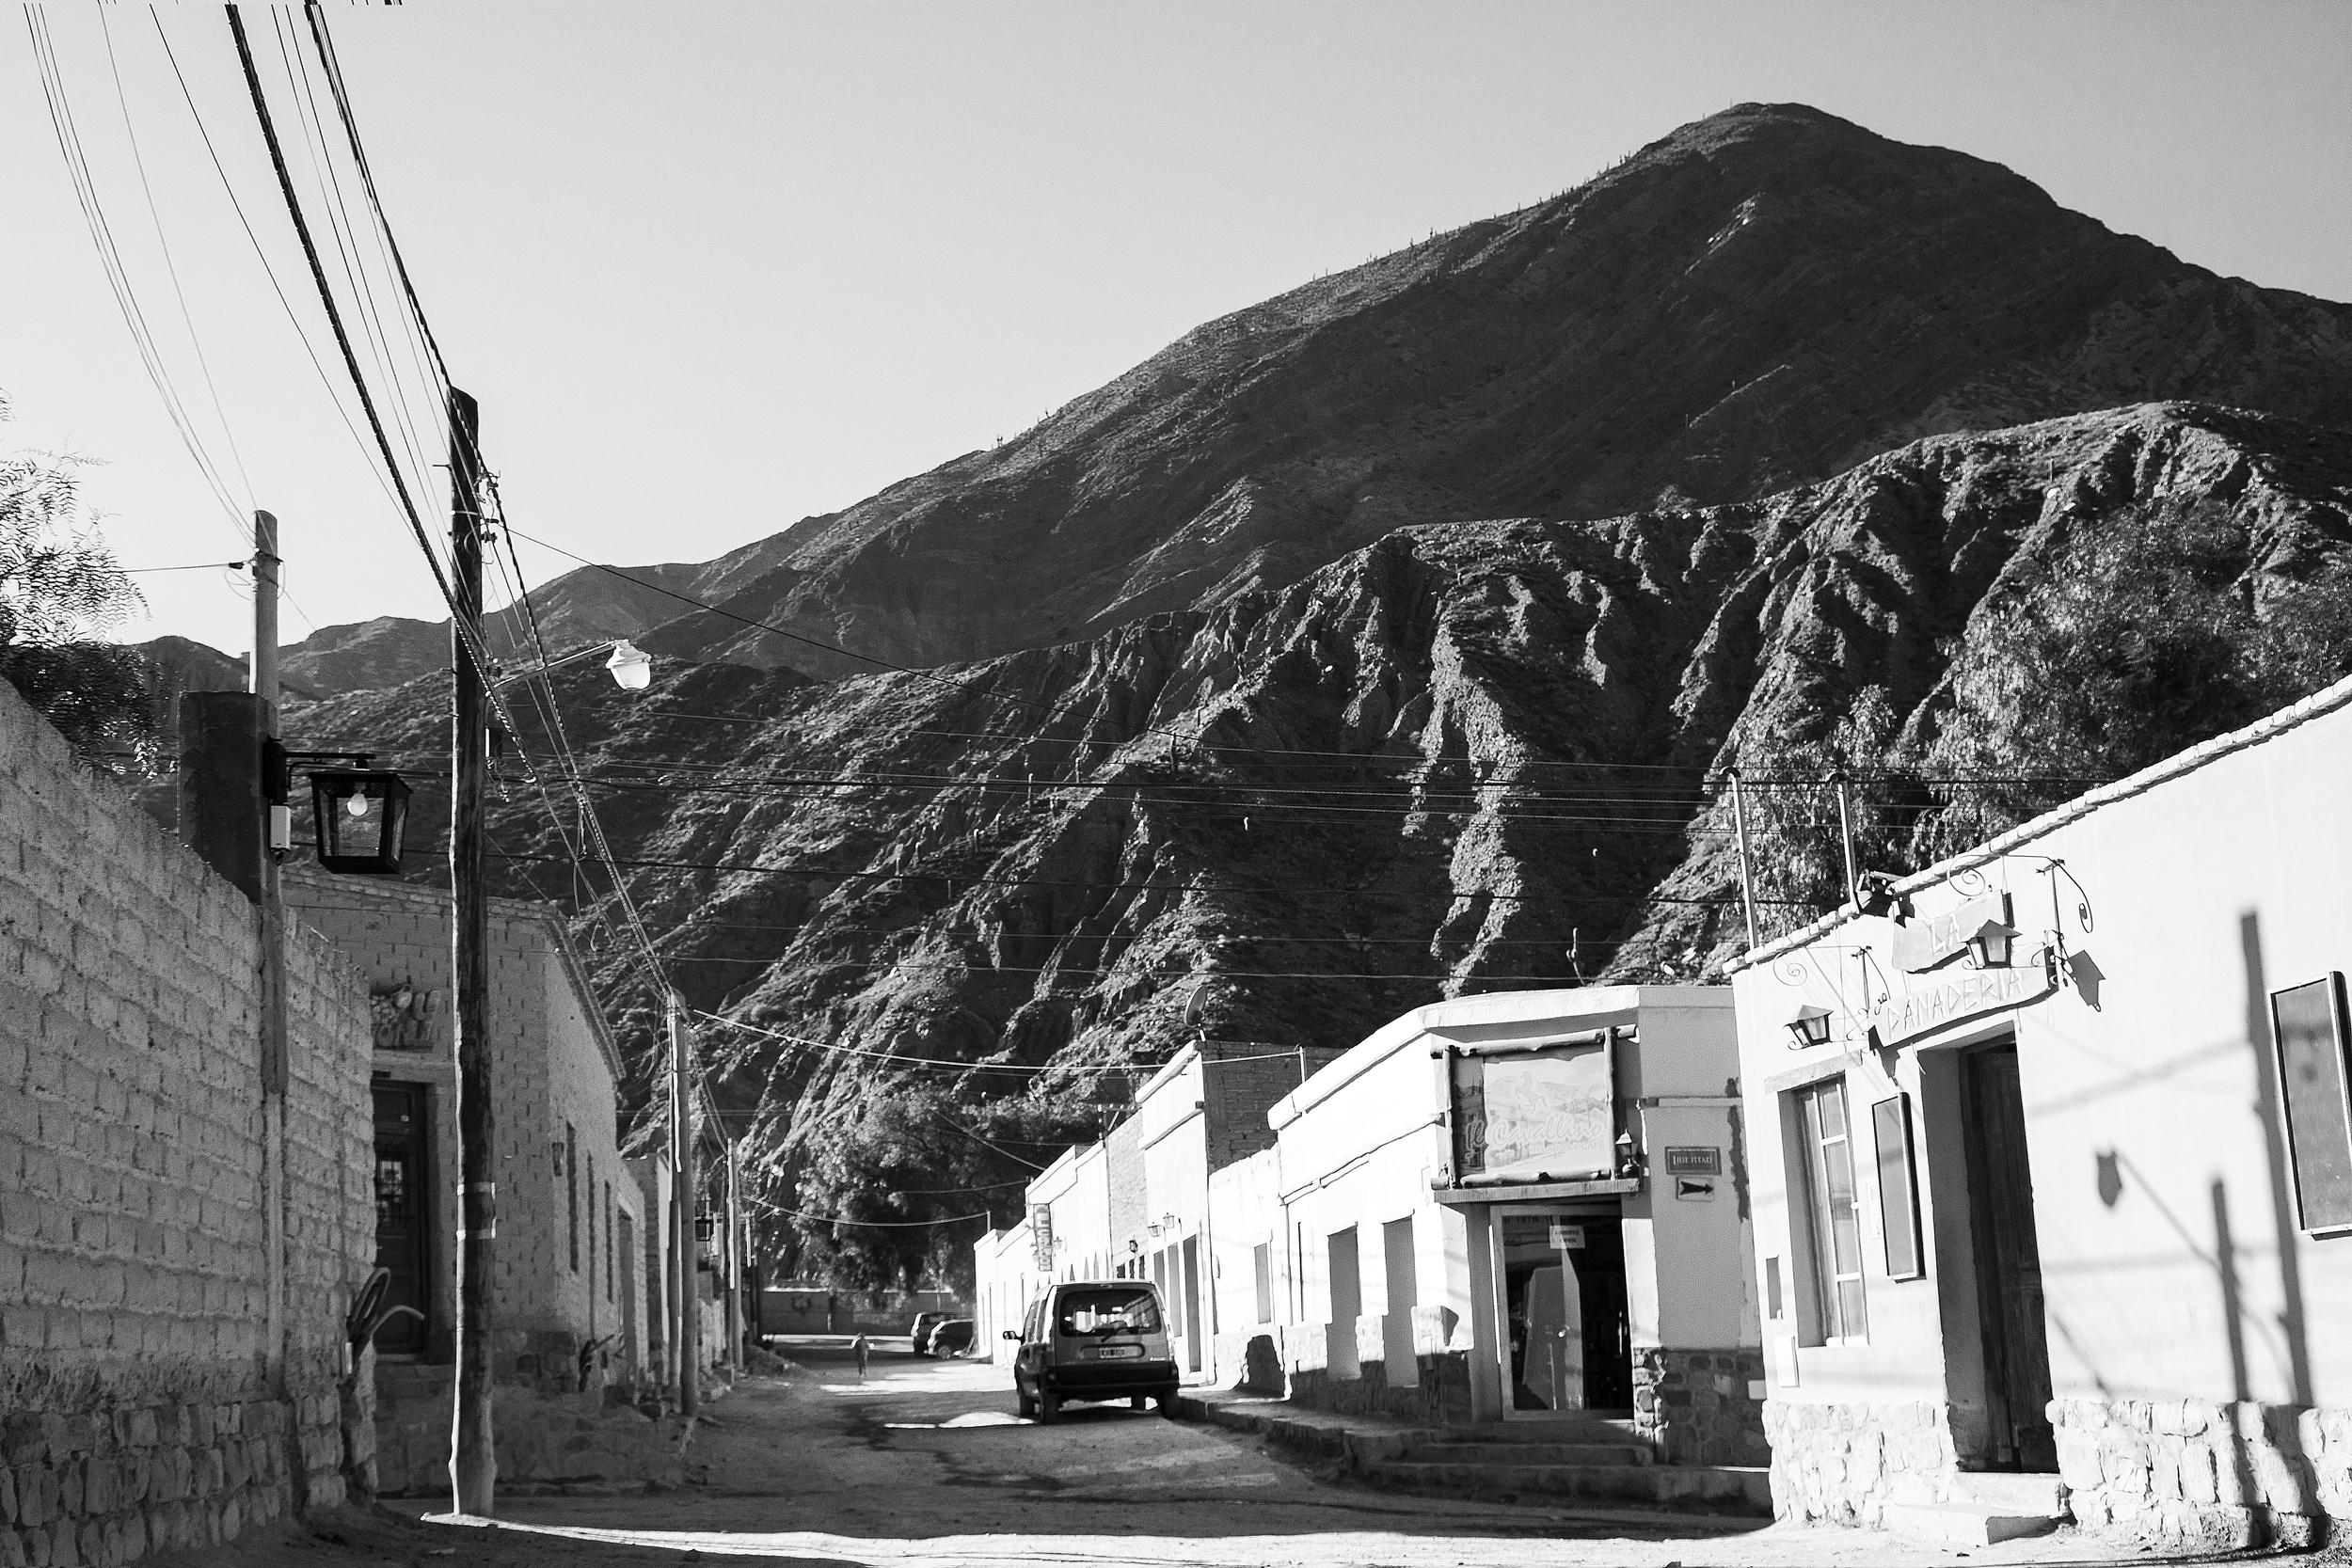 Calle con montaña en Purmamarca.jpg